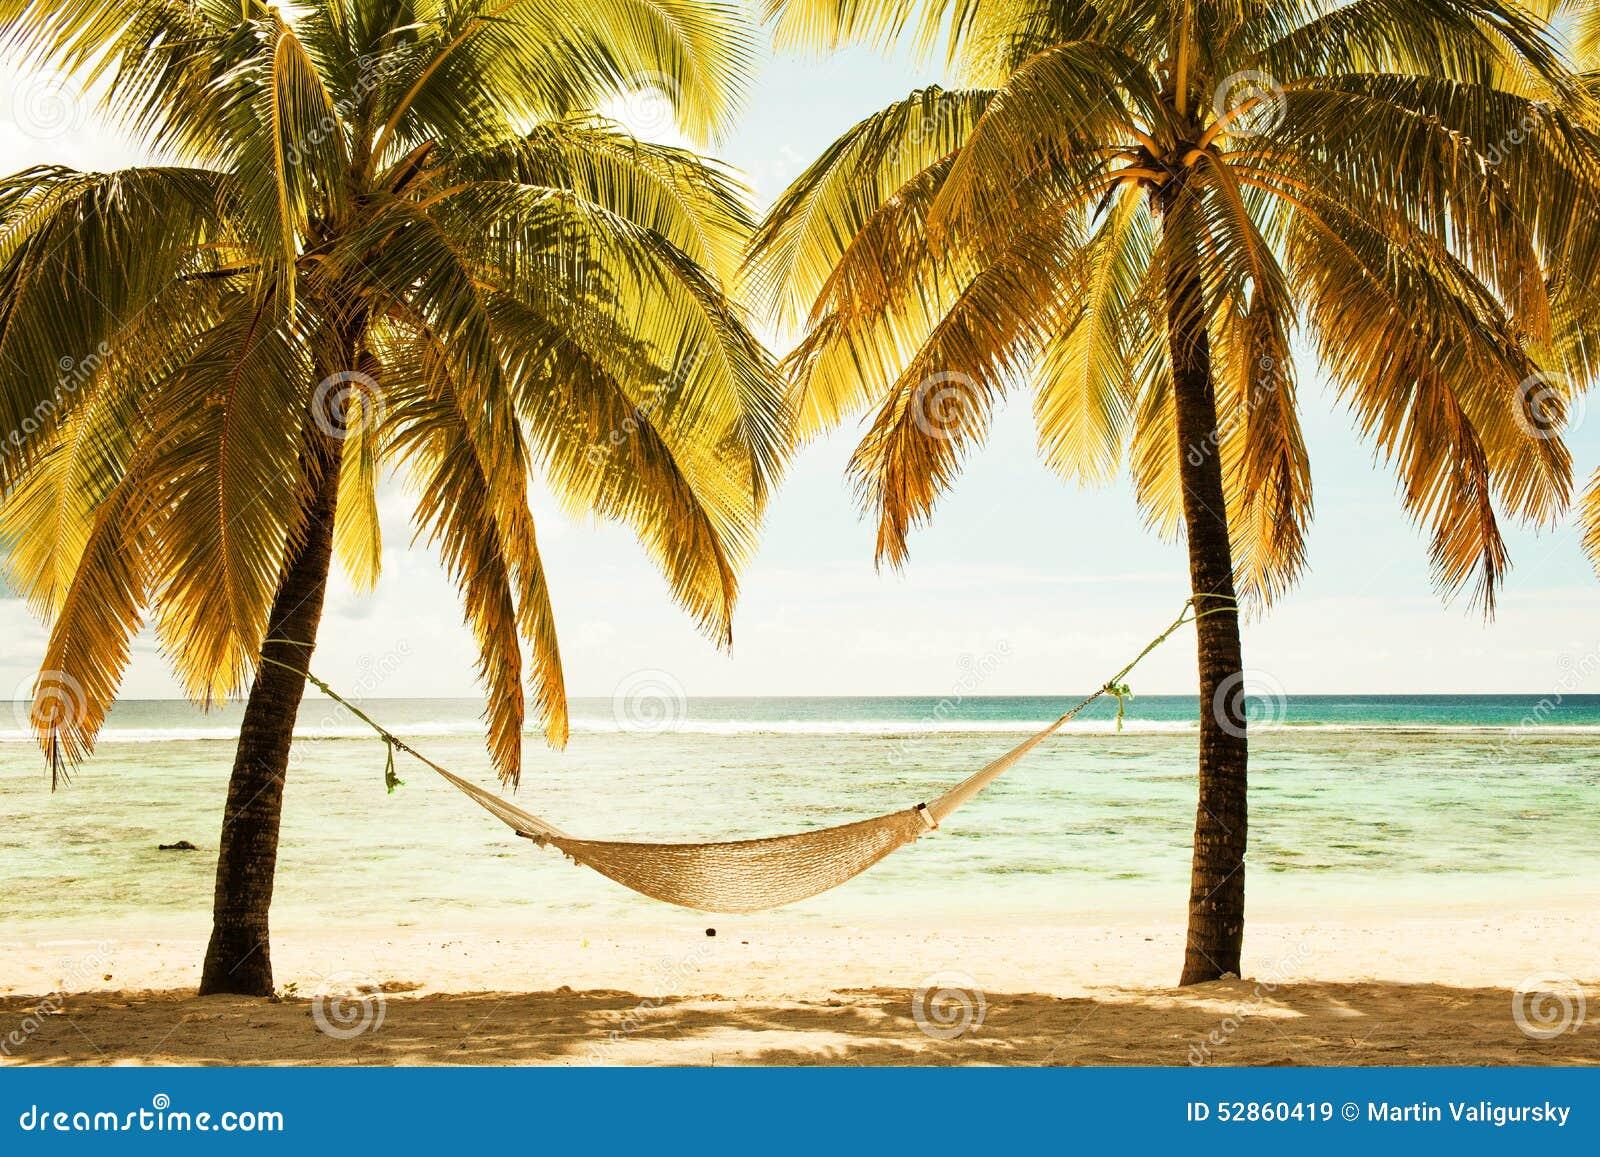 Hängematte Zwischen Zwei Palmen Auf Dem Strand Während Des ...